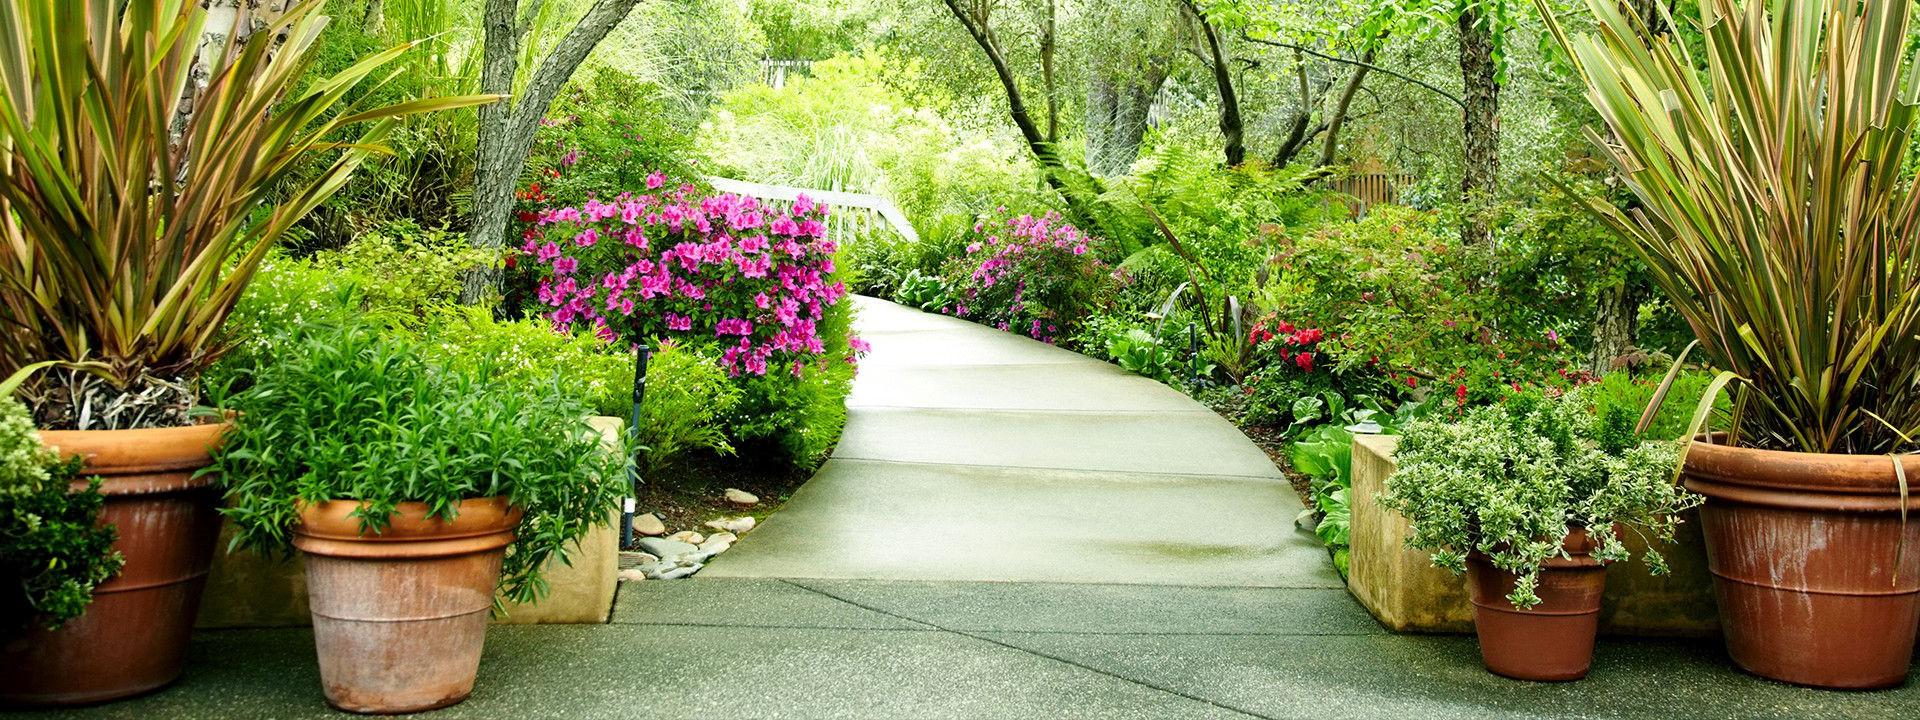 Resources | DellaVecchia Funeral Homes